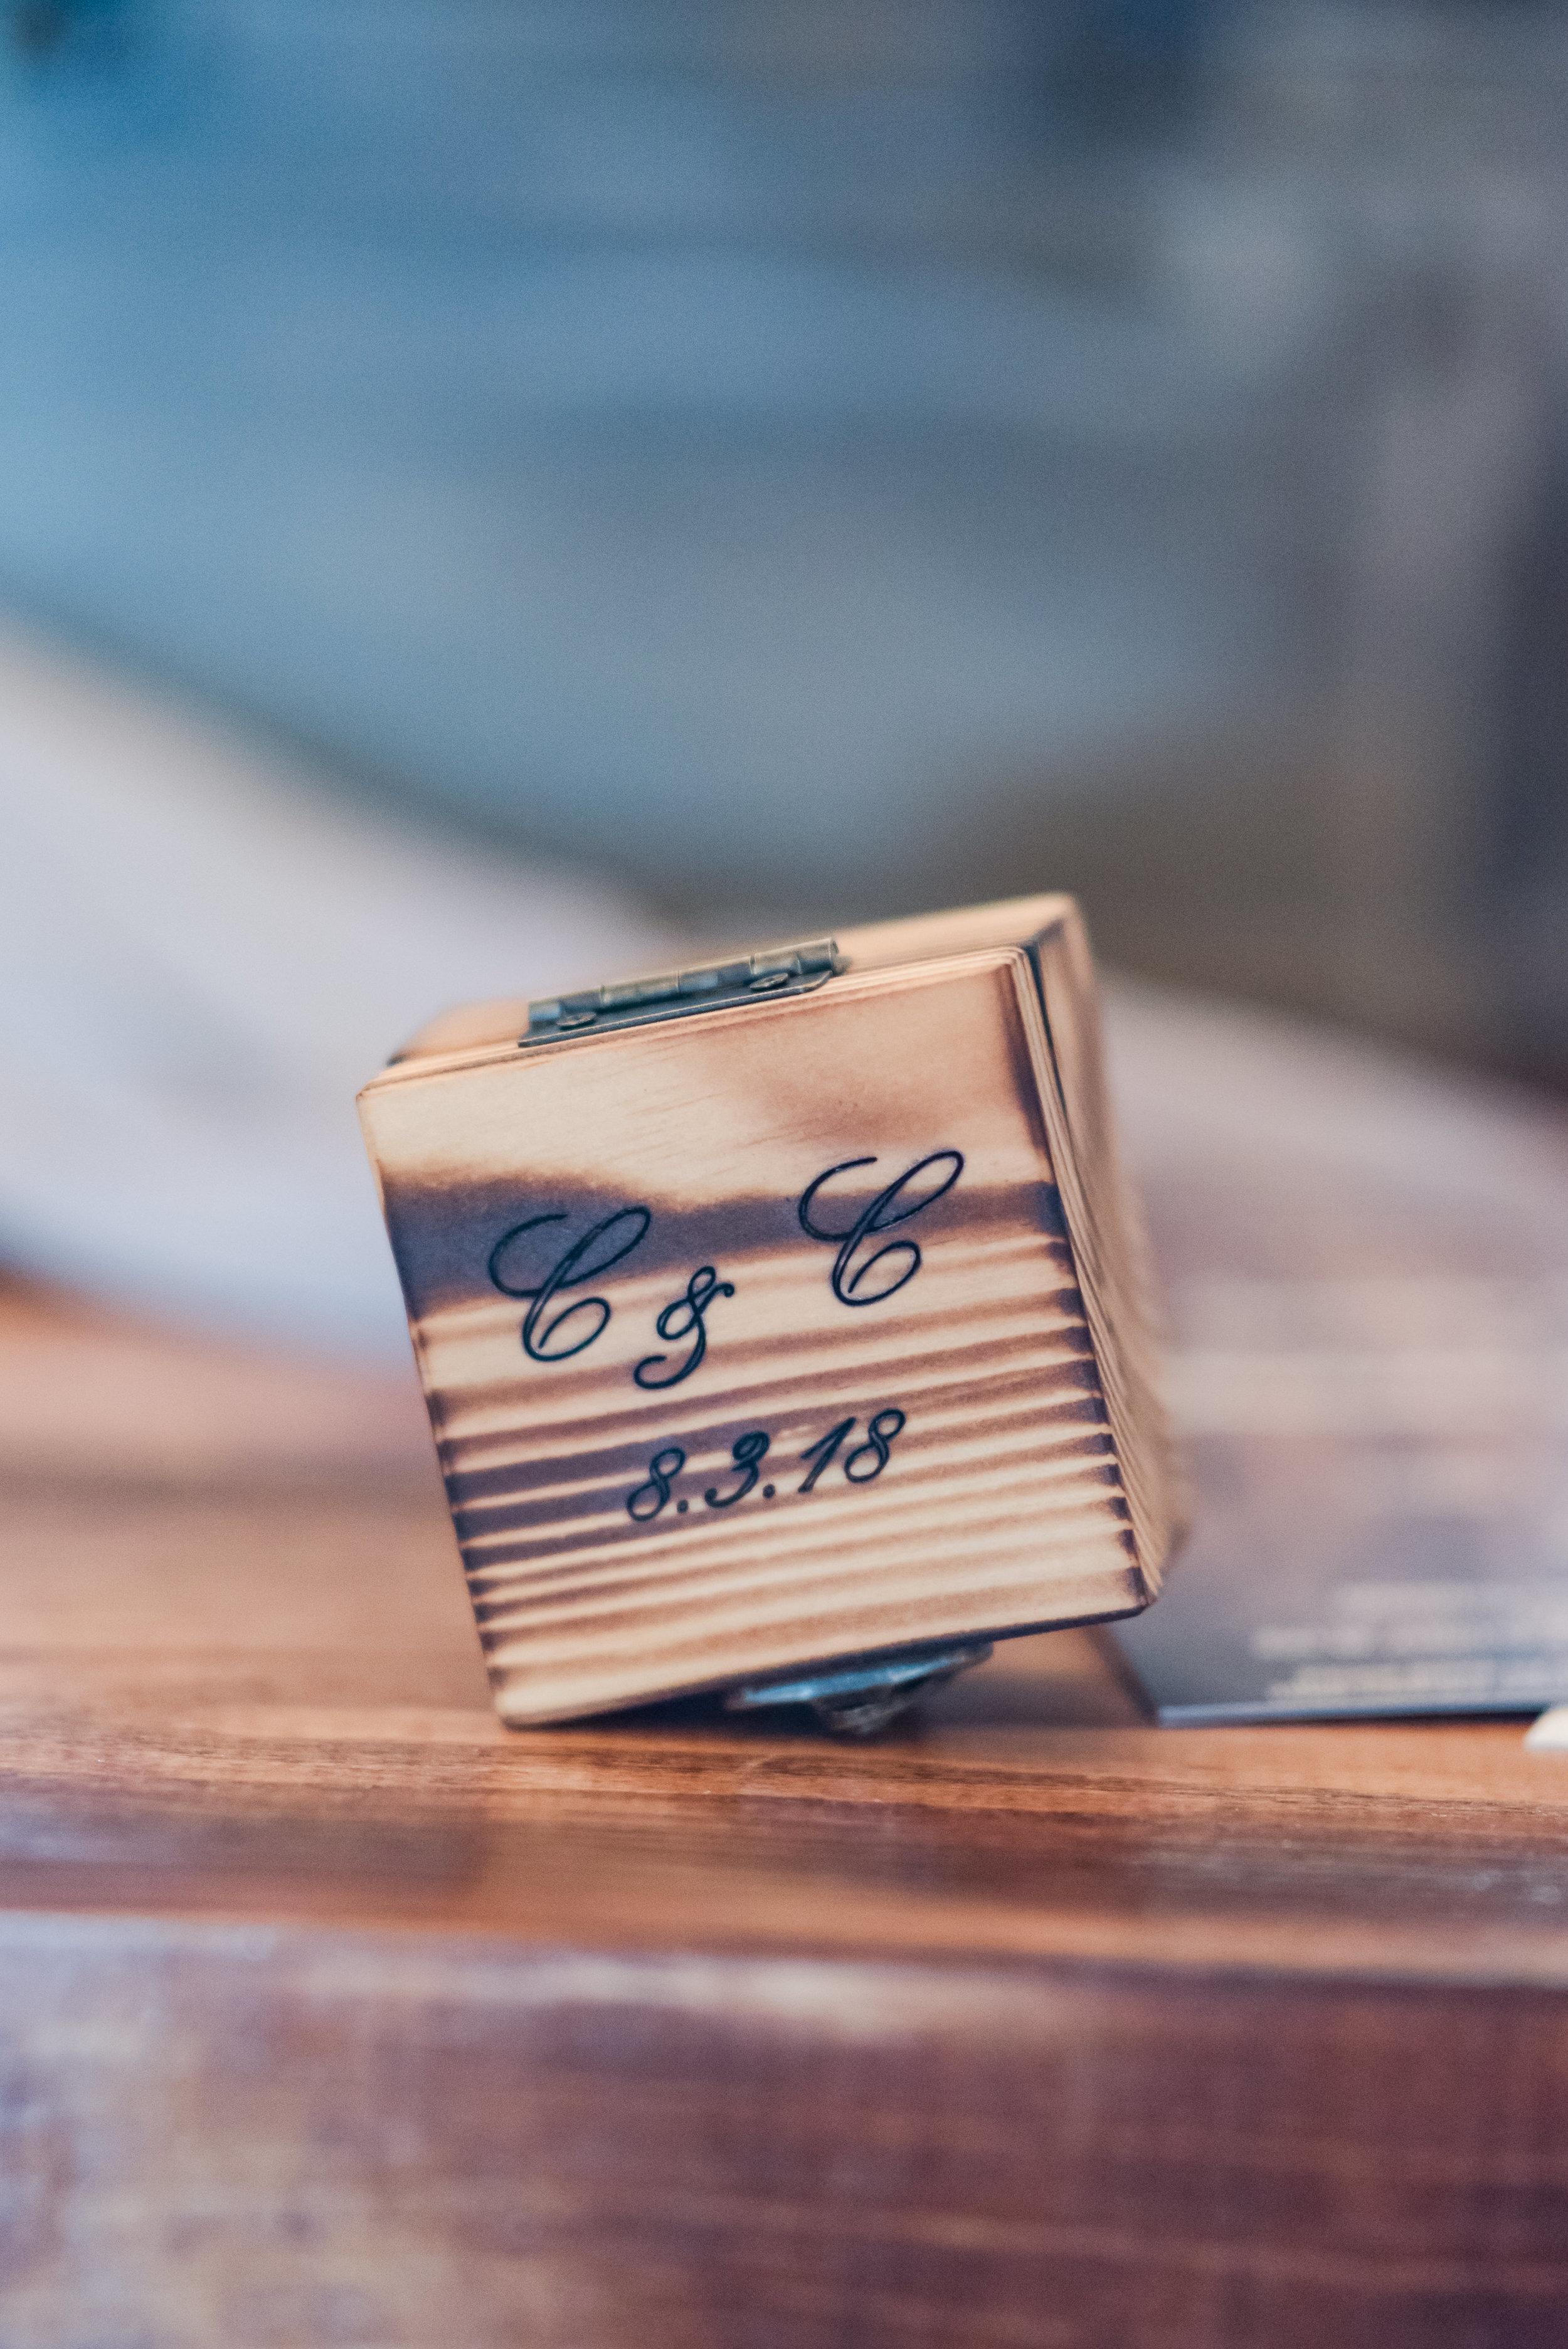 A Sugar Pine Barn Wedding - The Overwhelmed Bride Wedding Ideas Blog